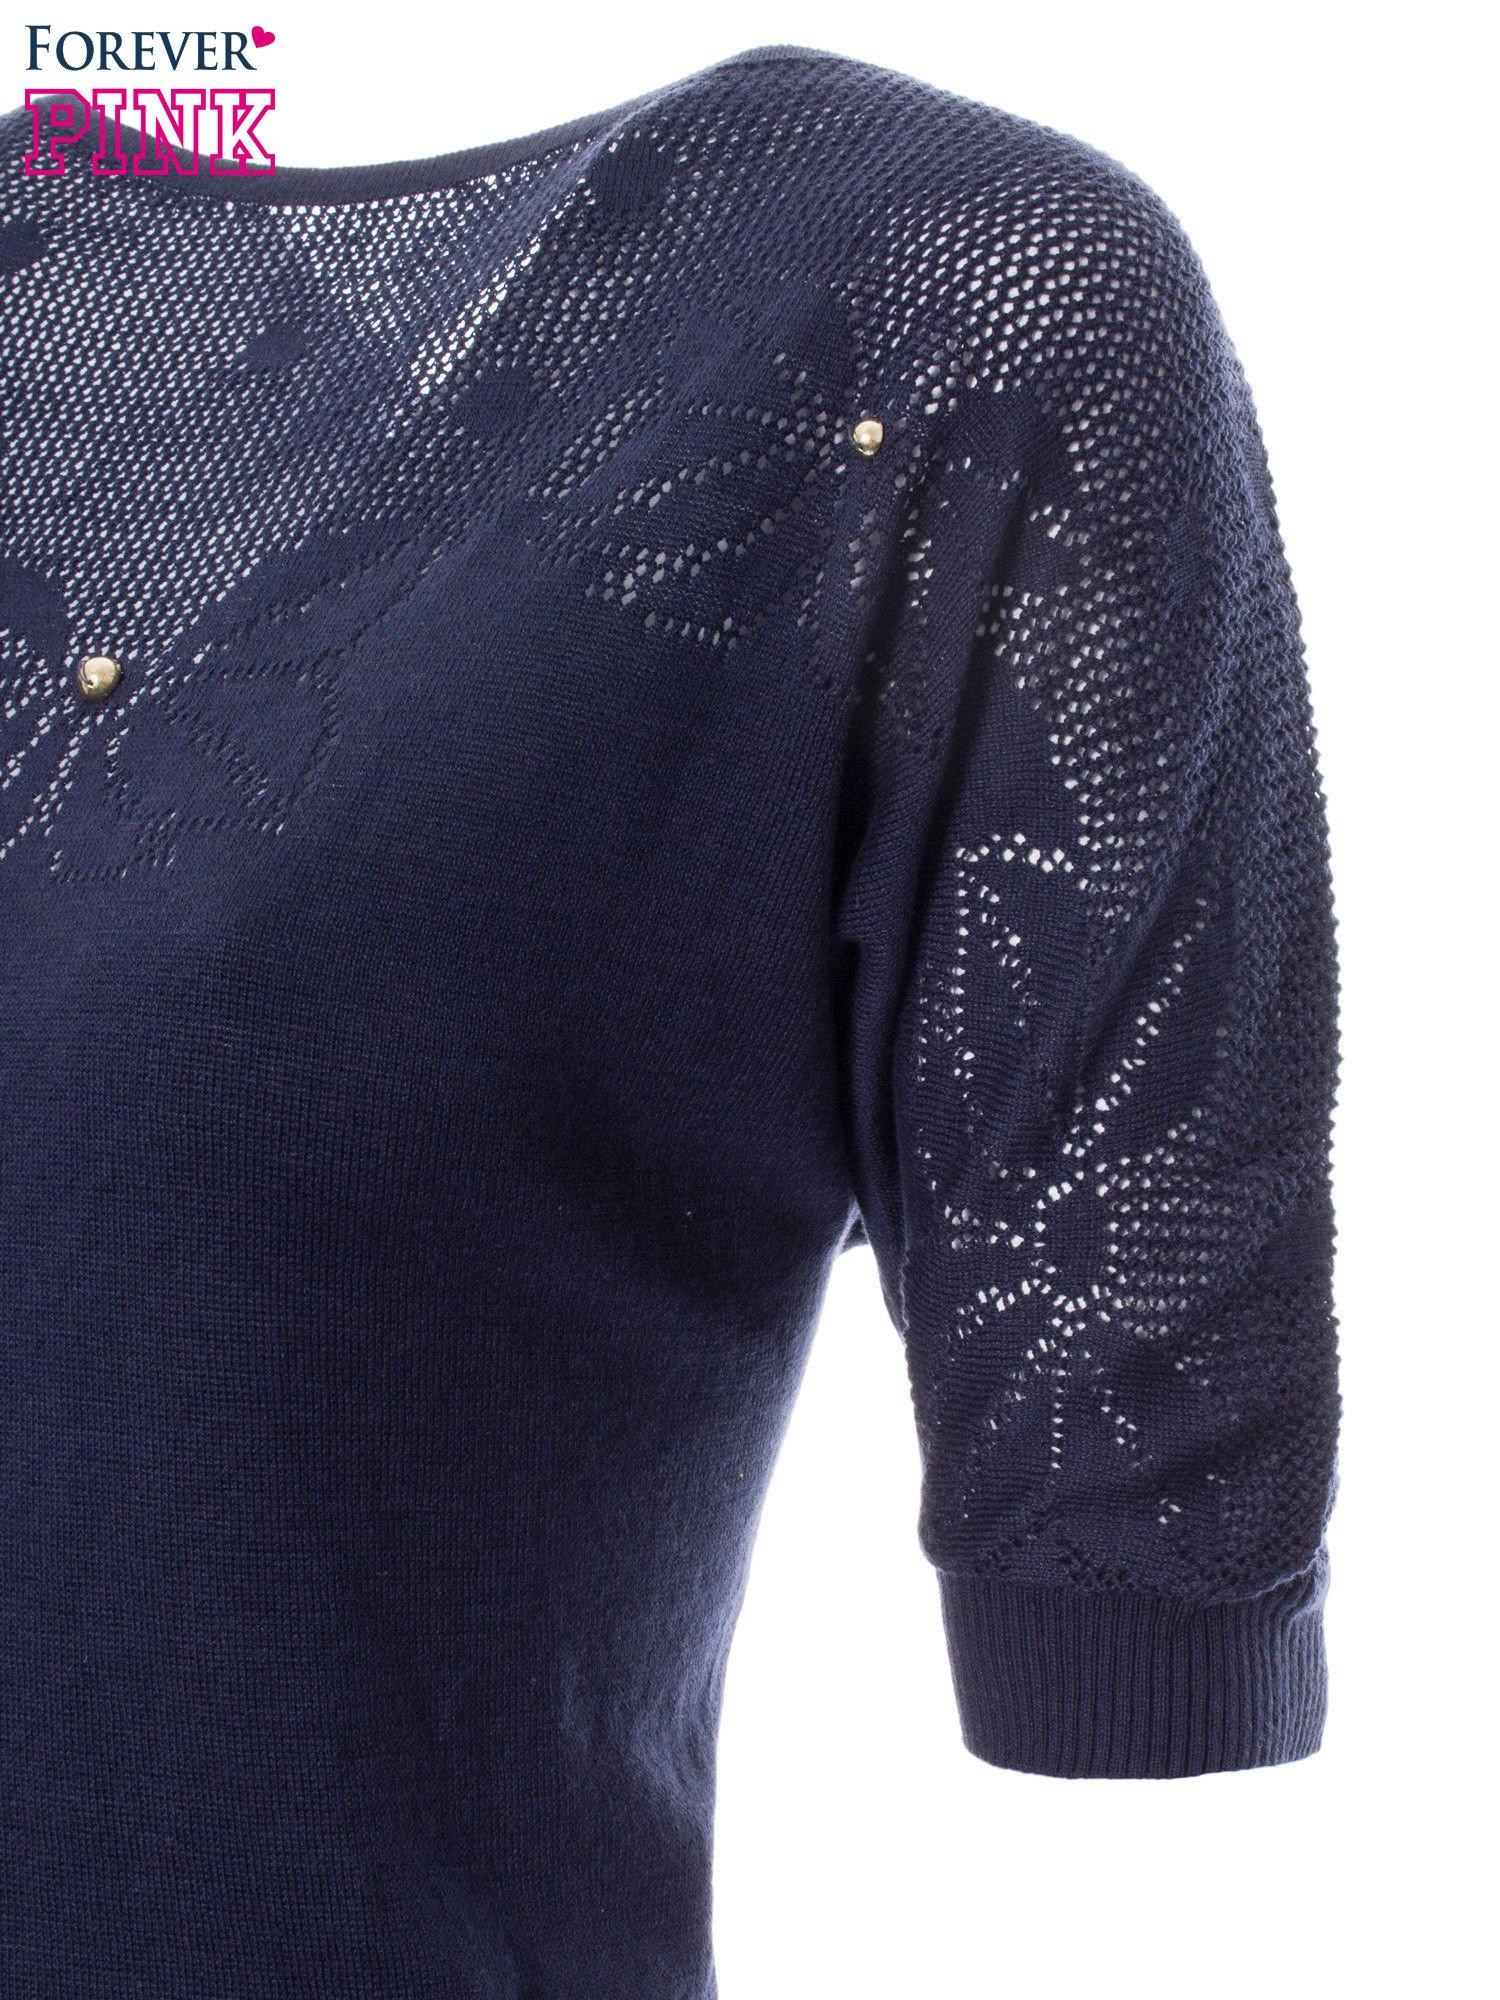 Granatowy sweter z ażurową górą i krótkim rękawkiem                                  zdj.                                  6